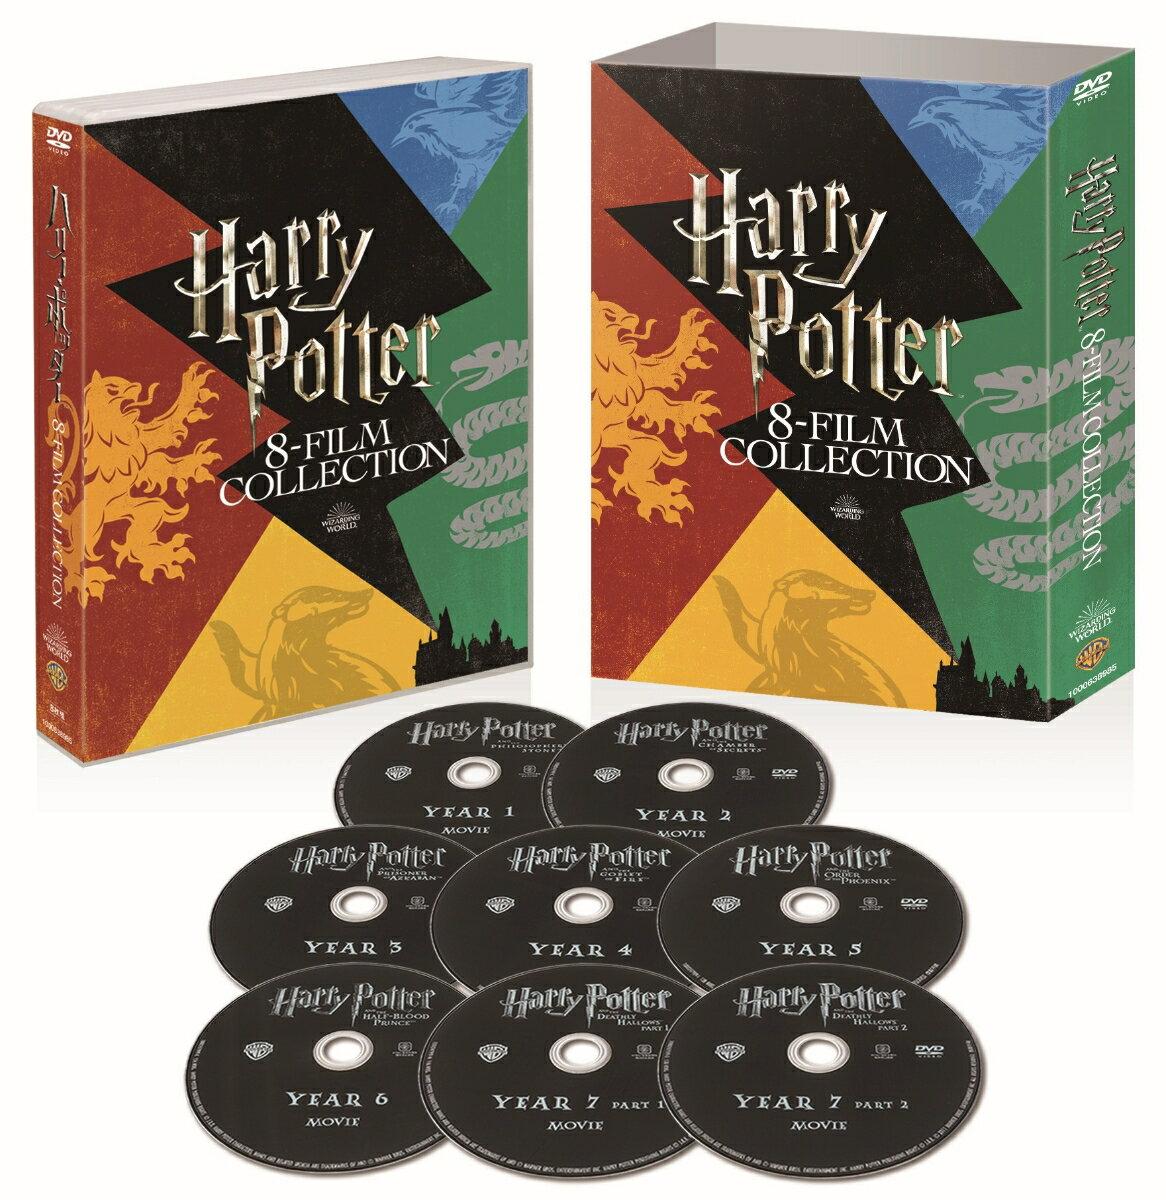 ハリー・ポッター 8-Film Set(バック・トゥ・ホグワーツ仕様)(初回限定生産) [ ダニエル・ラドクリフ ]